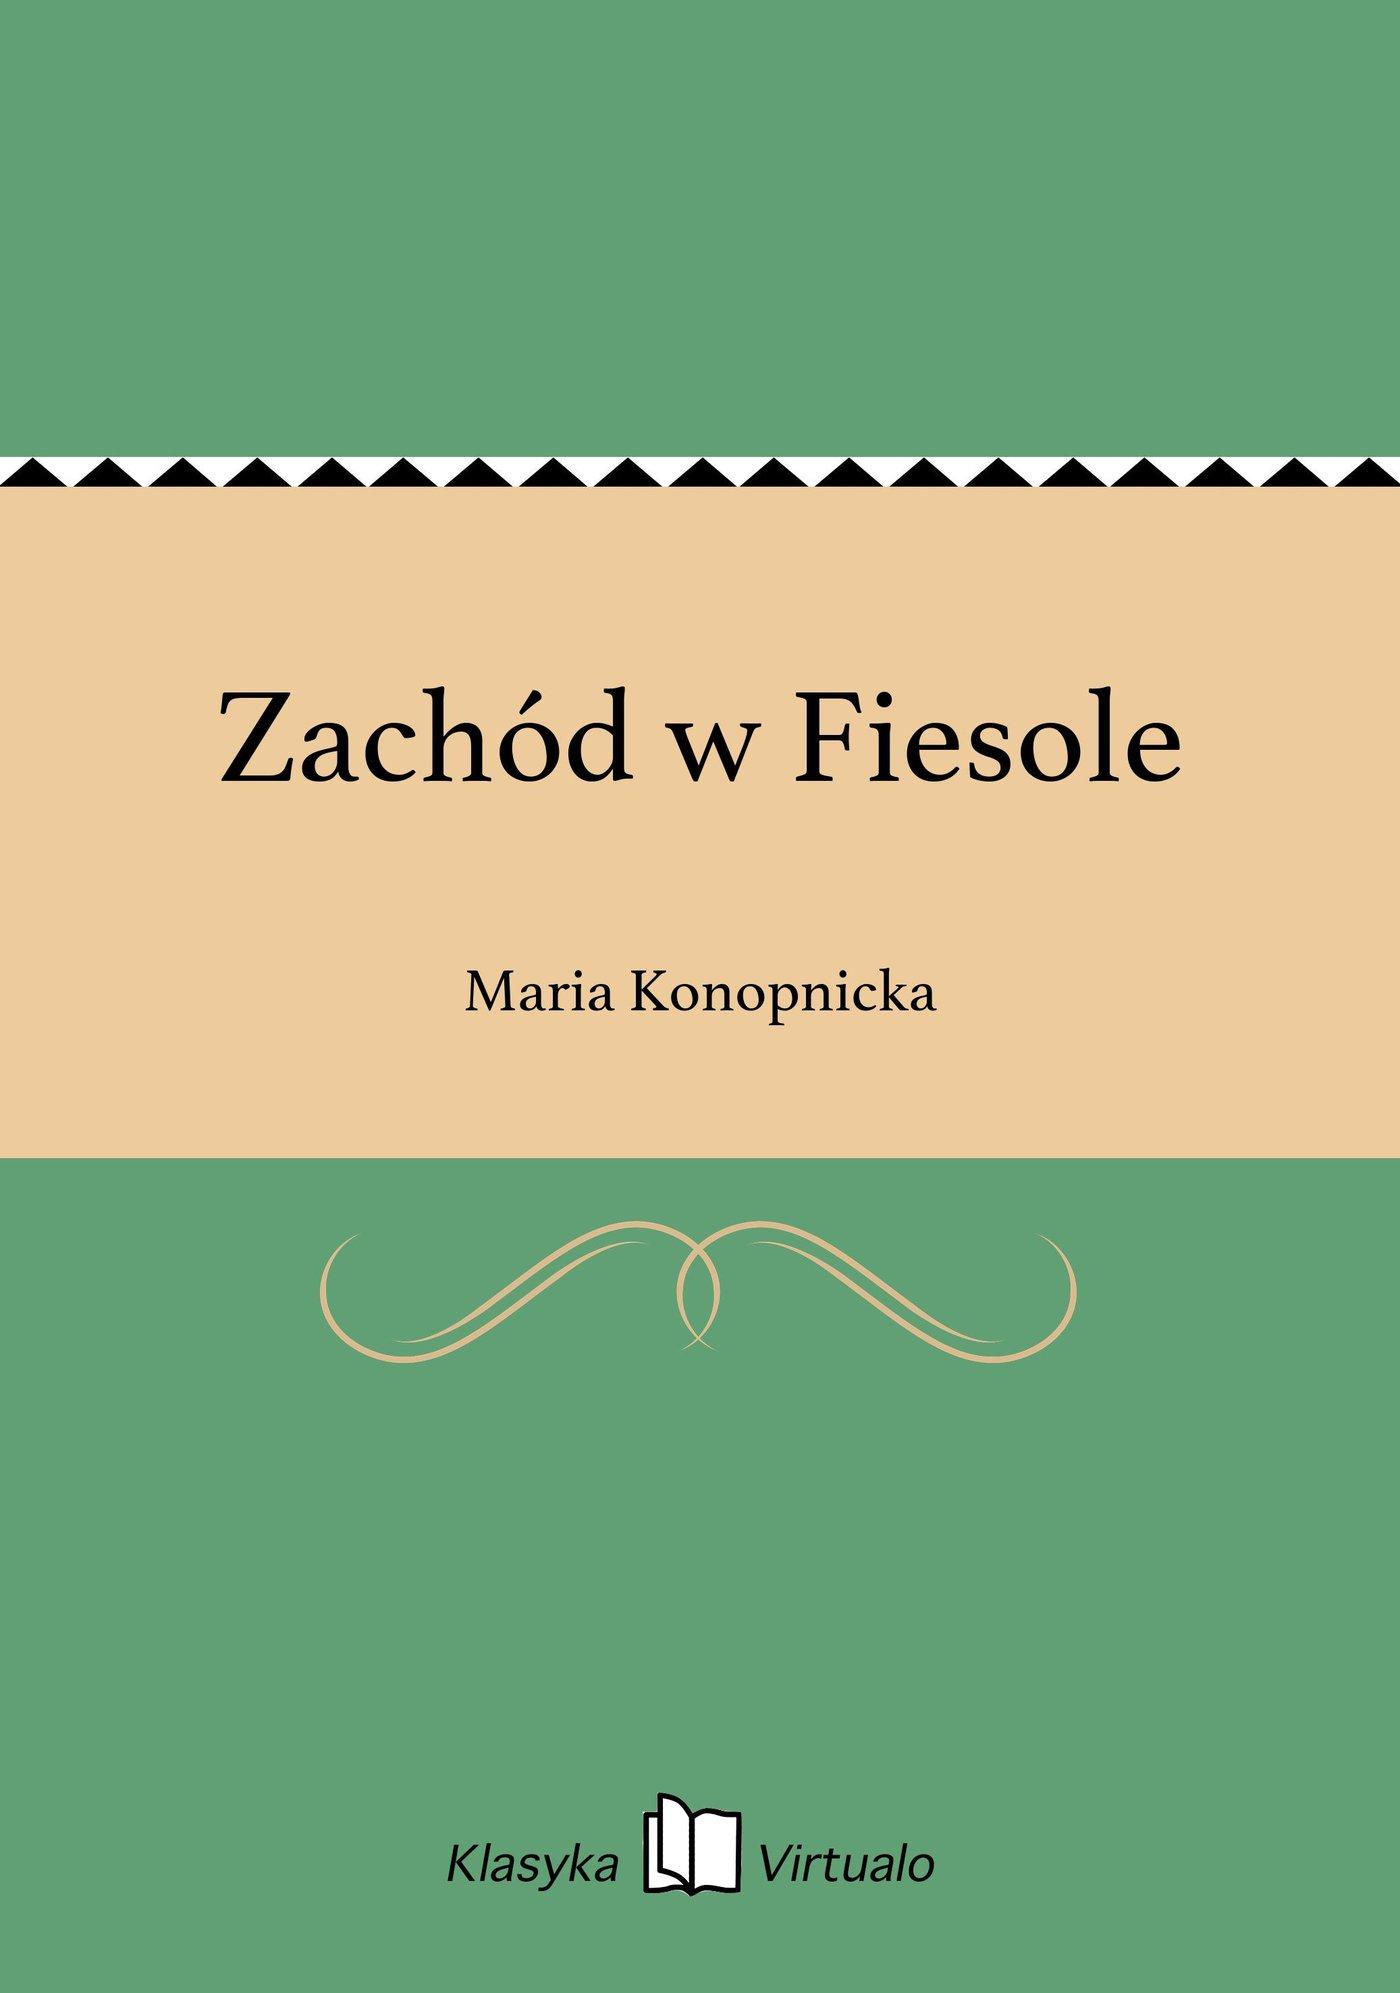 Zachód w Fiesole - Ebook (Książka EPUB) do pobrania w formacie EPUB